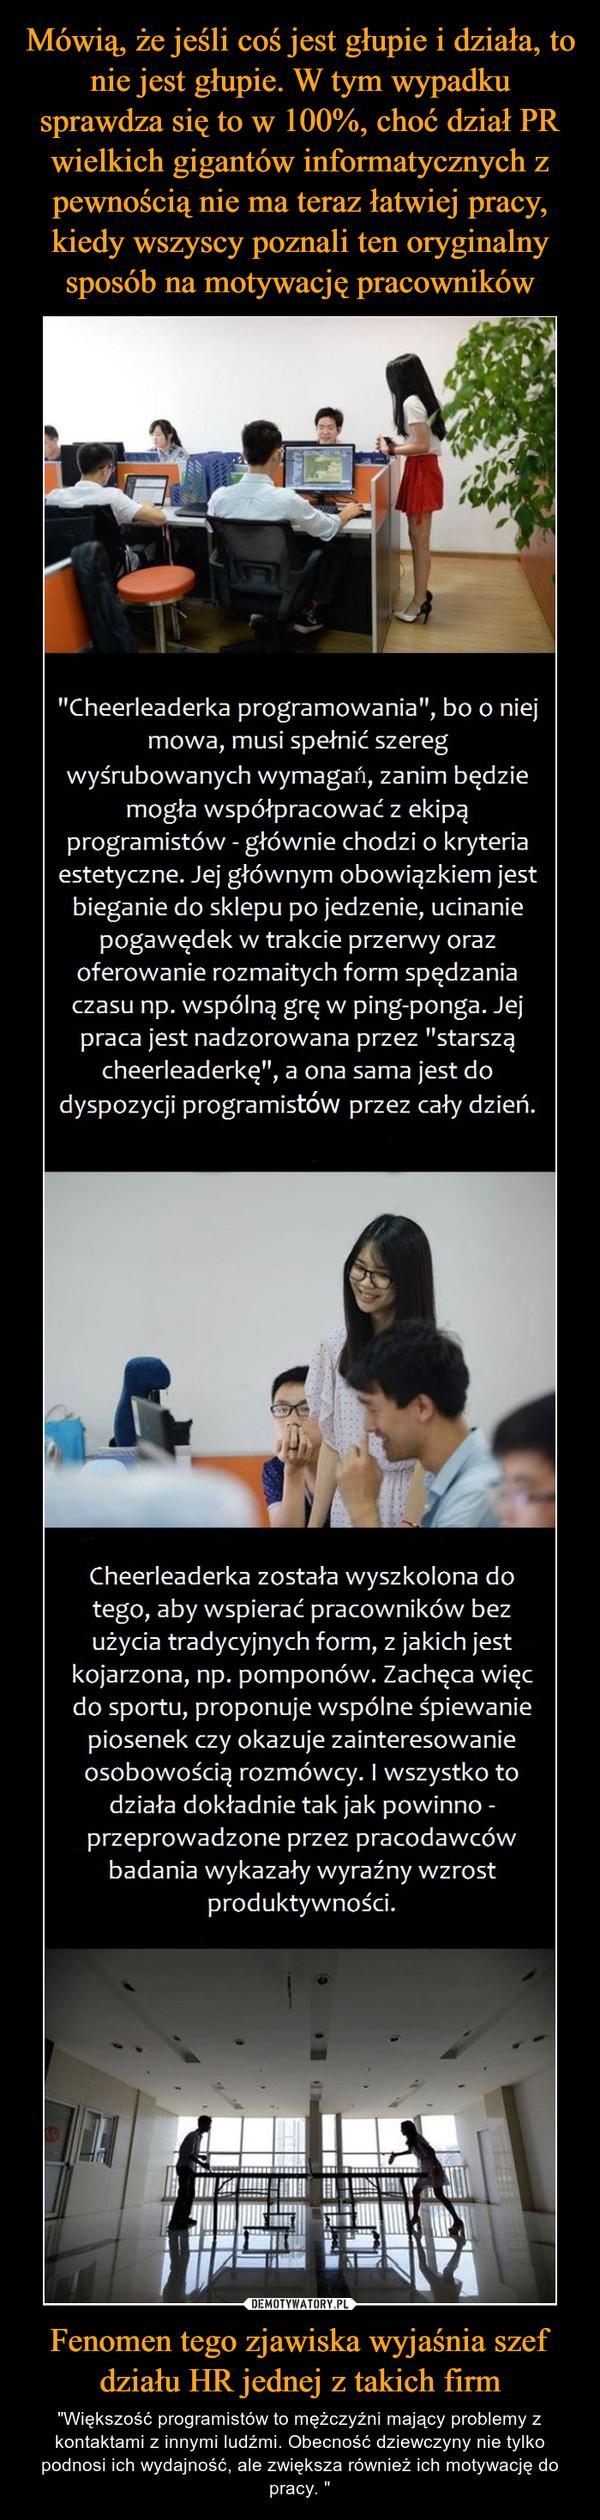 """Fenomen tego zjawiska wyjaśnia szef działu HR jednej z takich firm – """"Większość programistów to mężczyźni mający problemy z kontaktami z innymi ludźmi. Obecność dziewczyny nie tylko podnosi ich wydajność, ale zwiększa również ich motywację do pracy. """""""